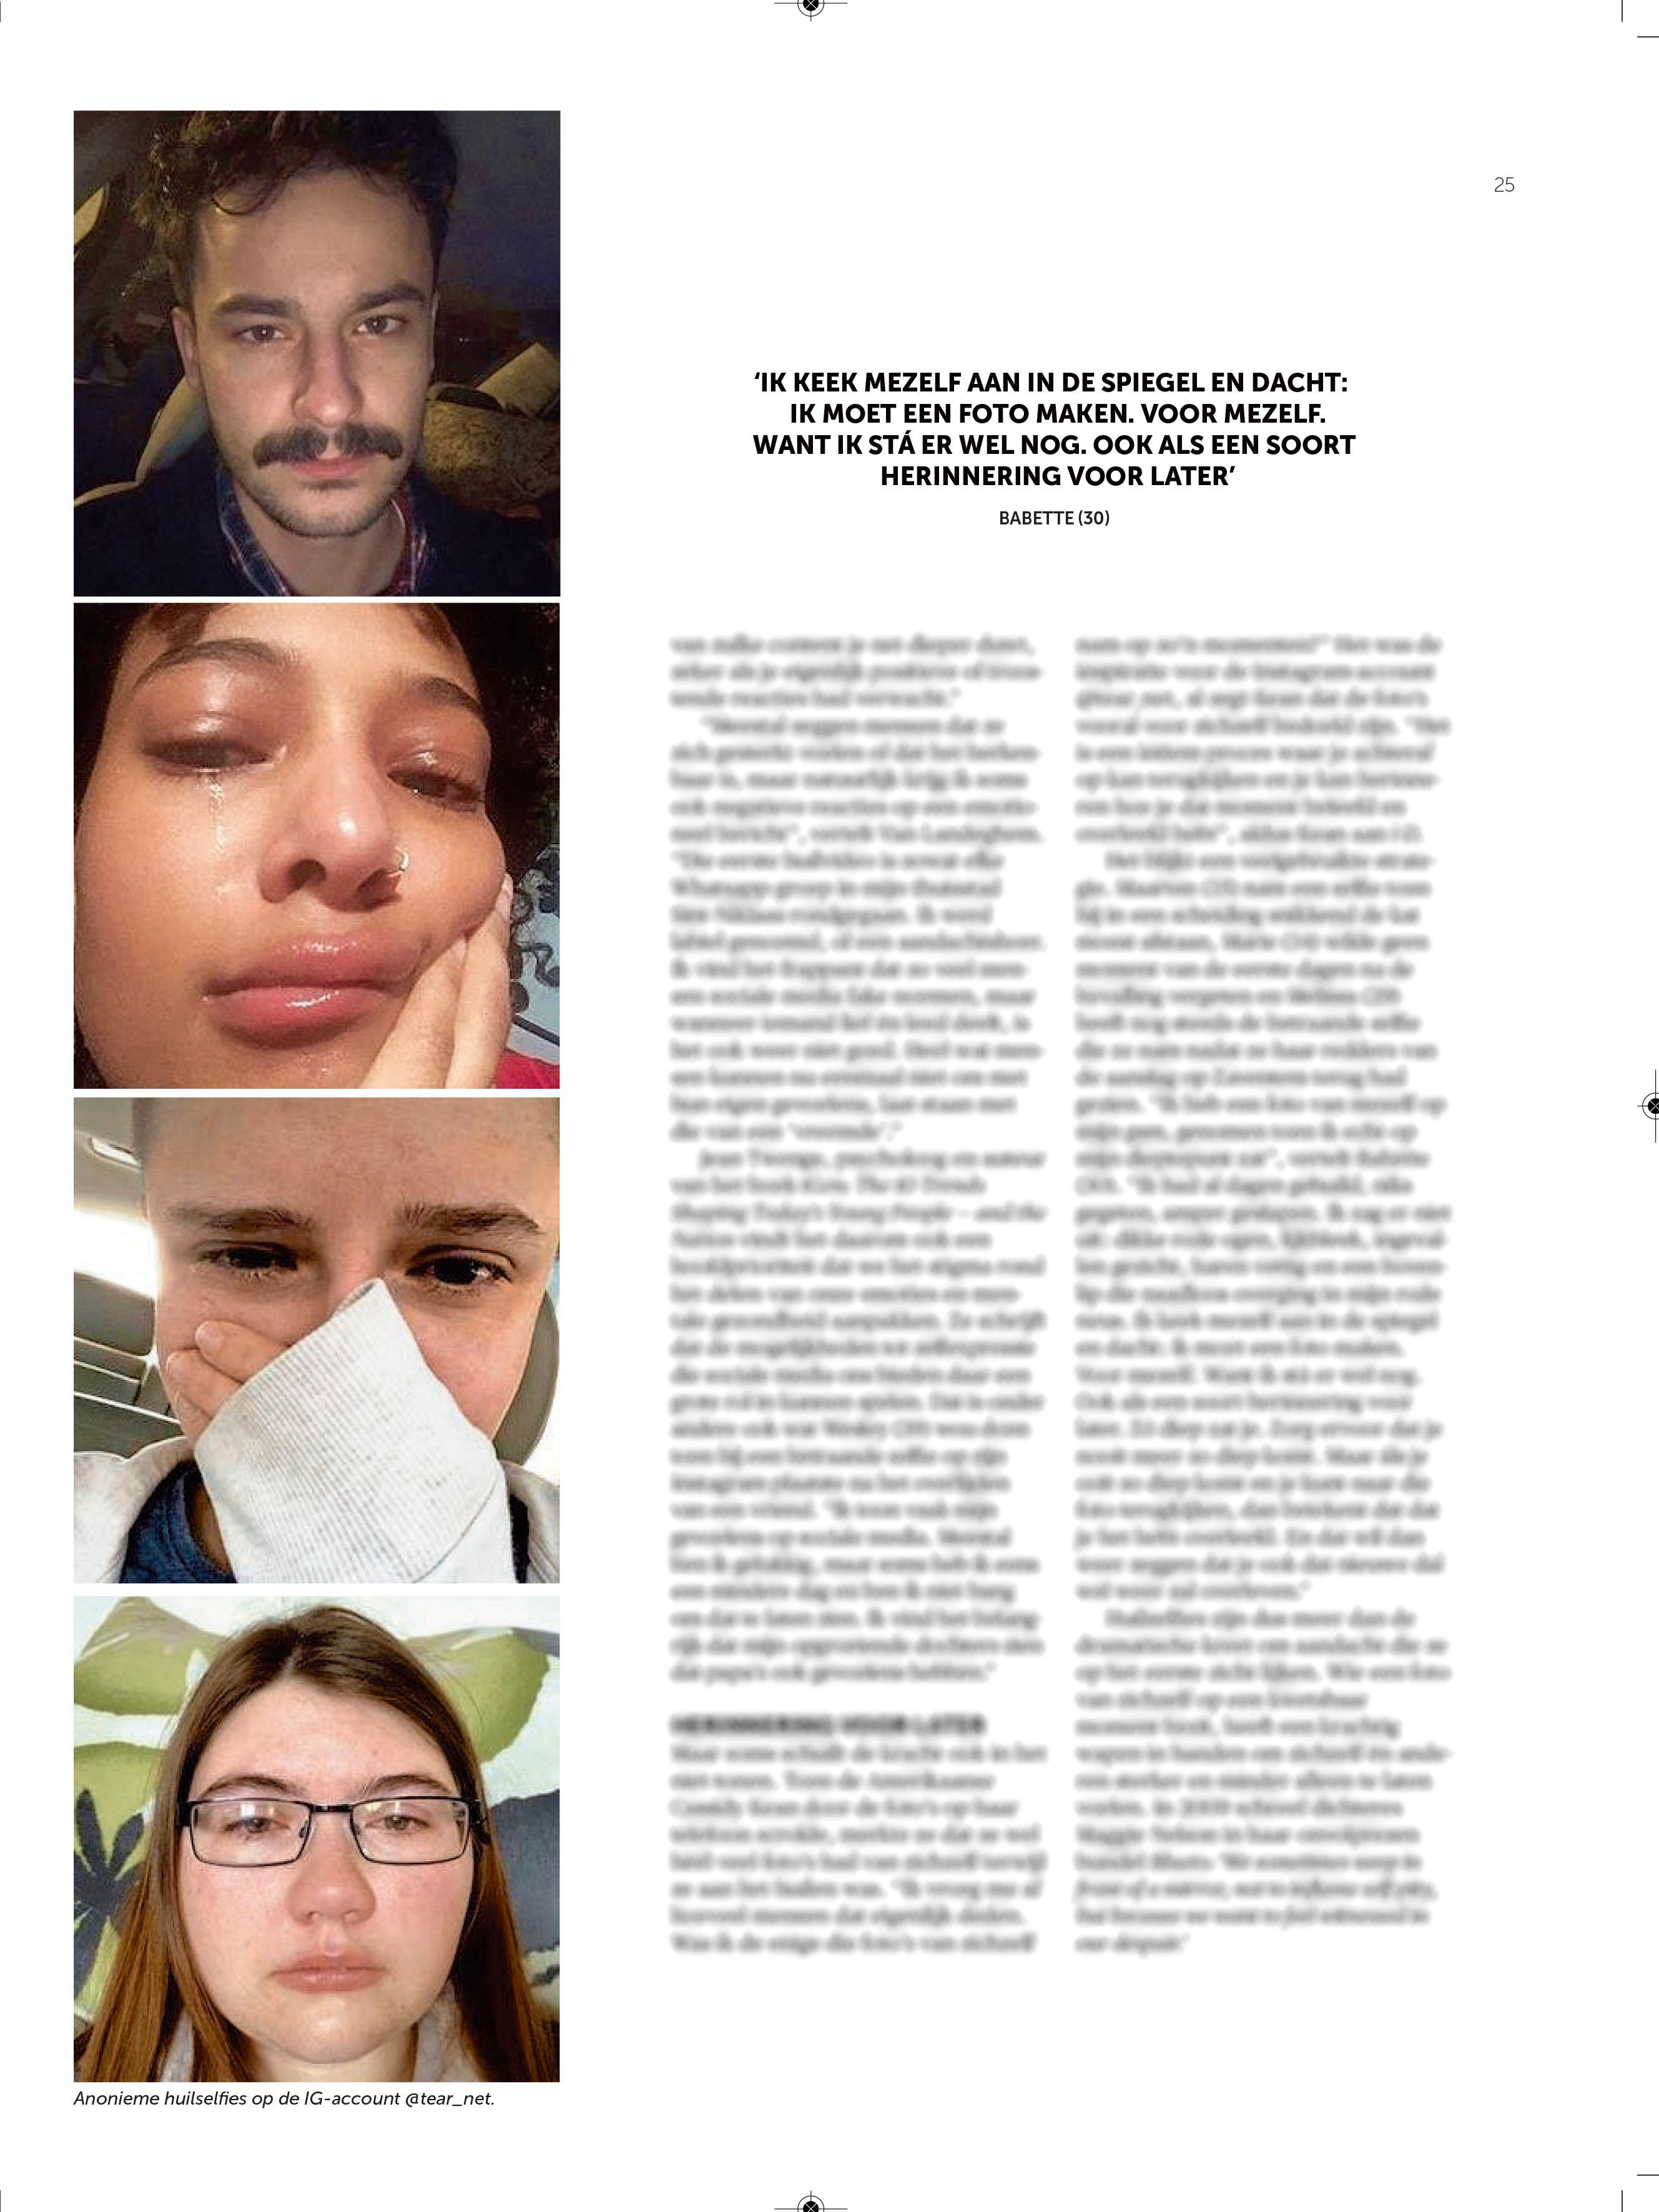 BRON: De Morgen, 14/03/2020, p 25